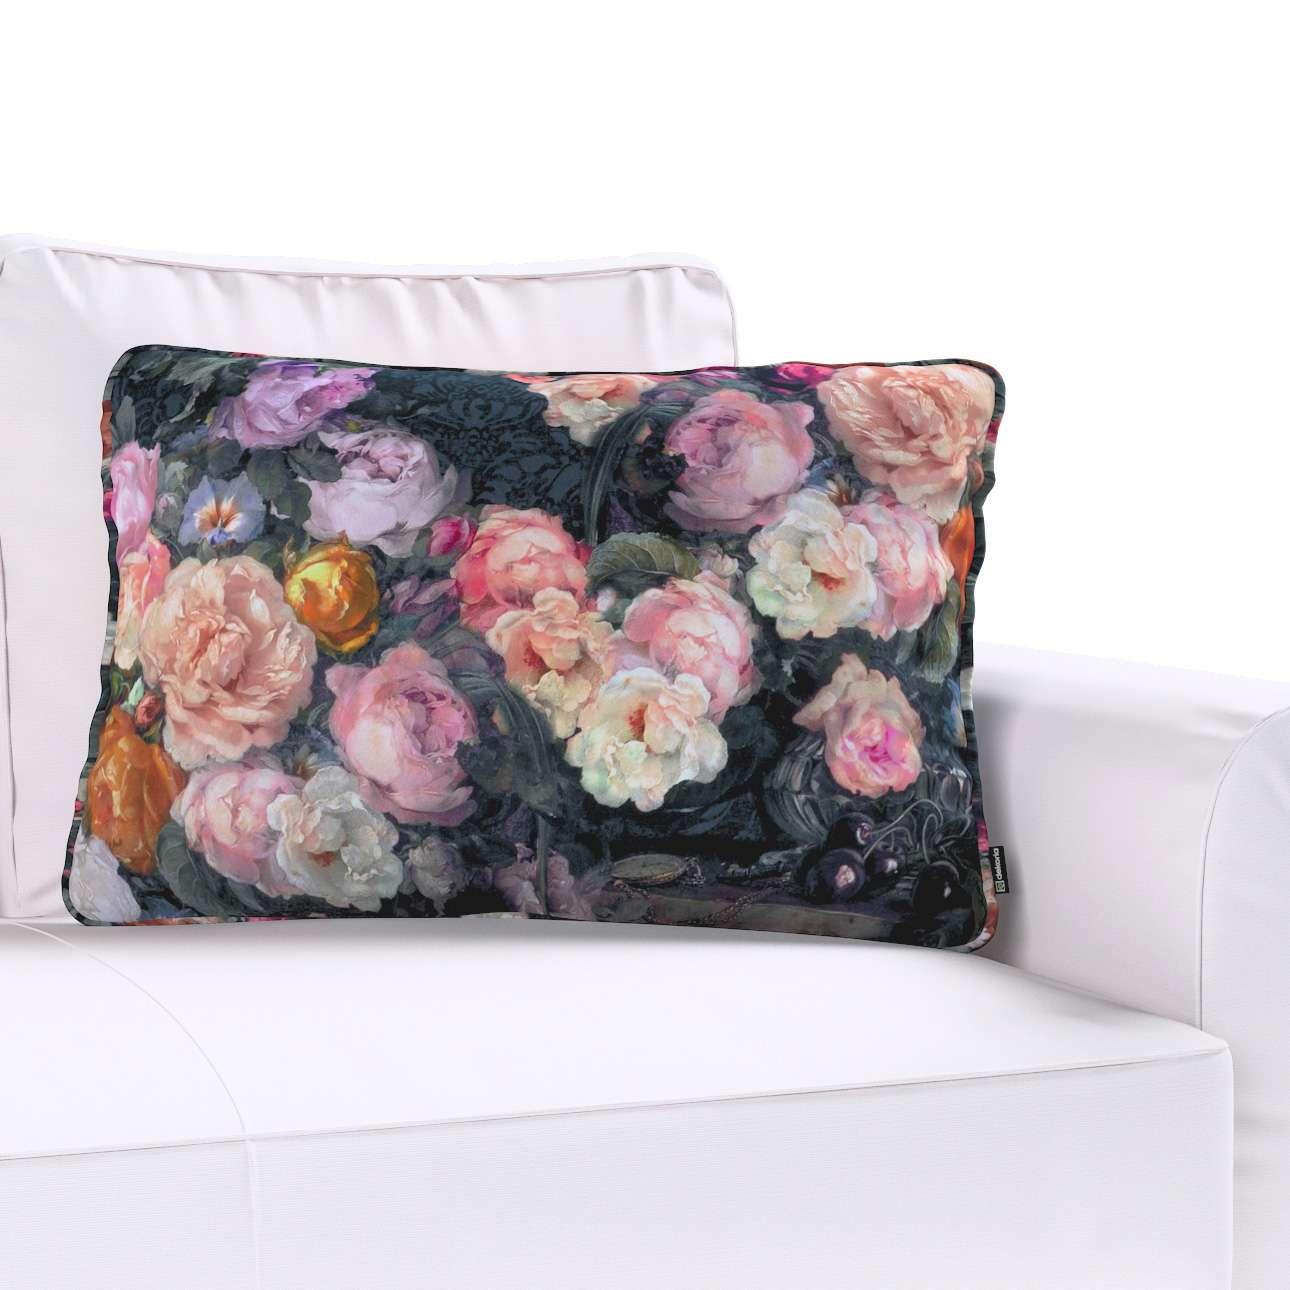 Poszewka Gabi na poduszkę prostokątna w kolekcji Gardenia, tkanina: 161-02